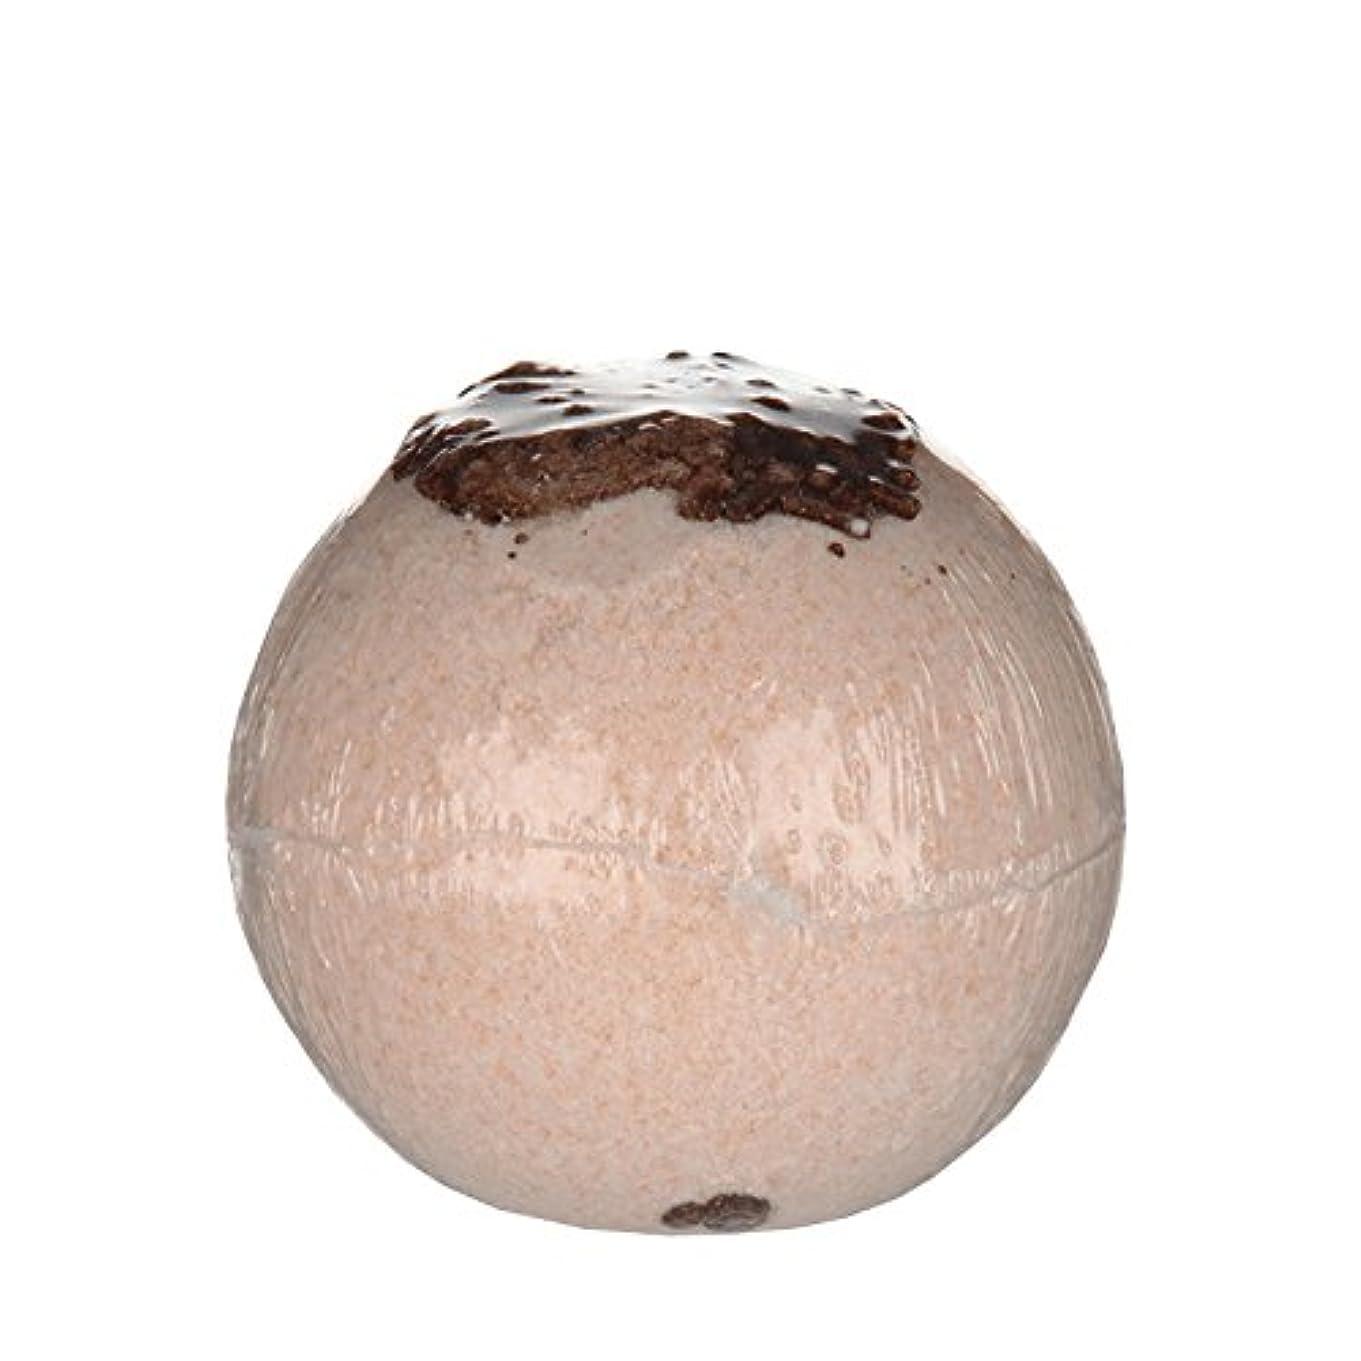 中間オプション長々とTreetsバスボールココナッツチョコレート170グラム - Treets Bath Ball Coconut Chocolate 170g (Treets) [並行輸入品]